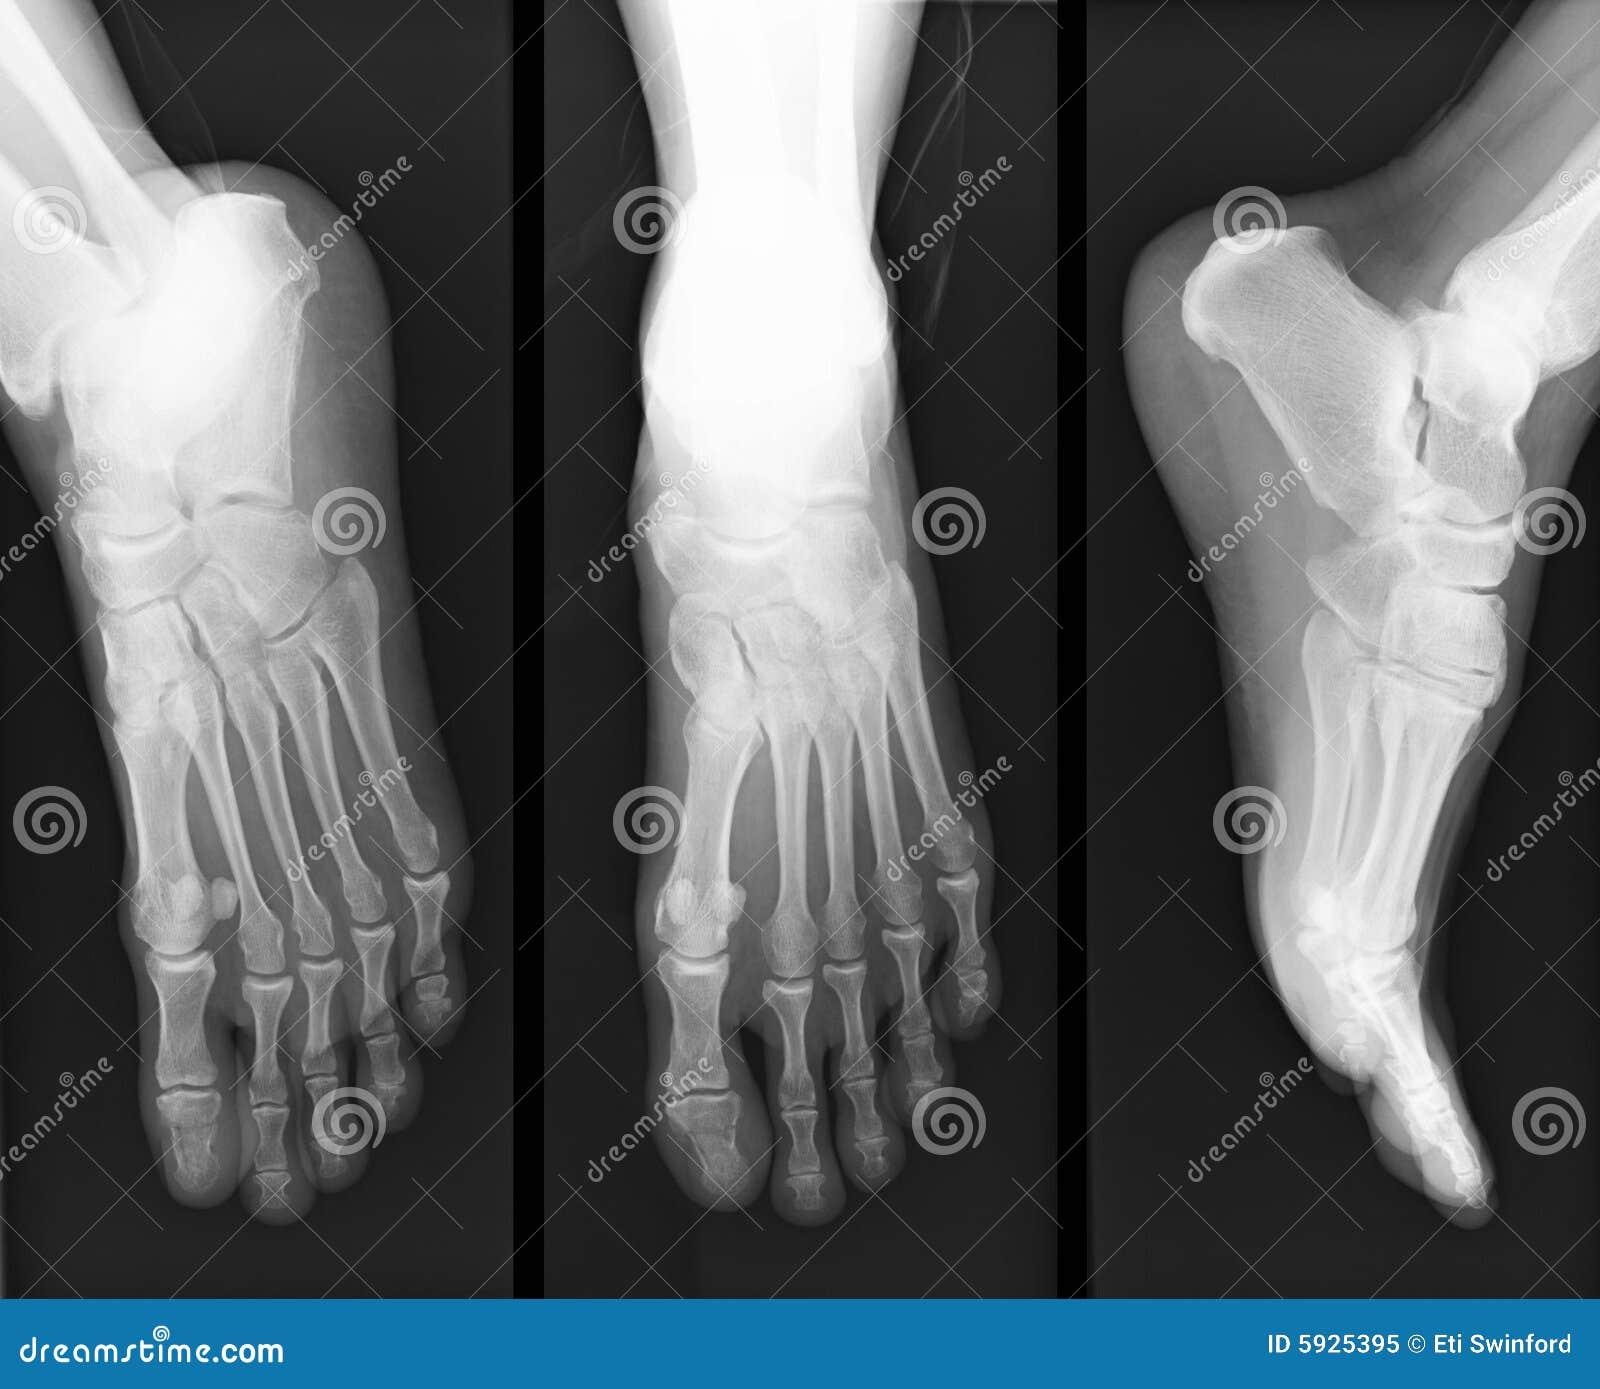 Fußröntgenstrahl